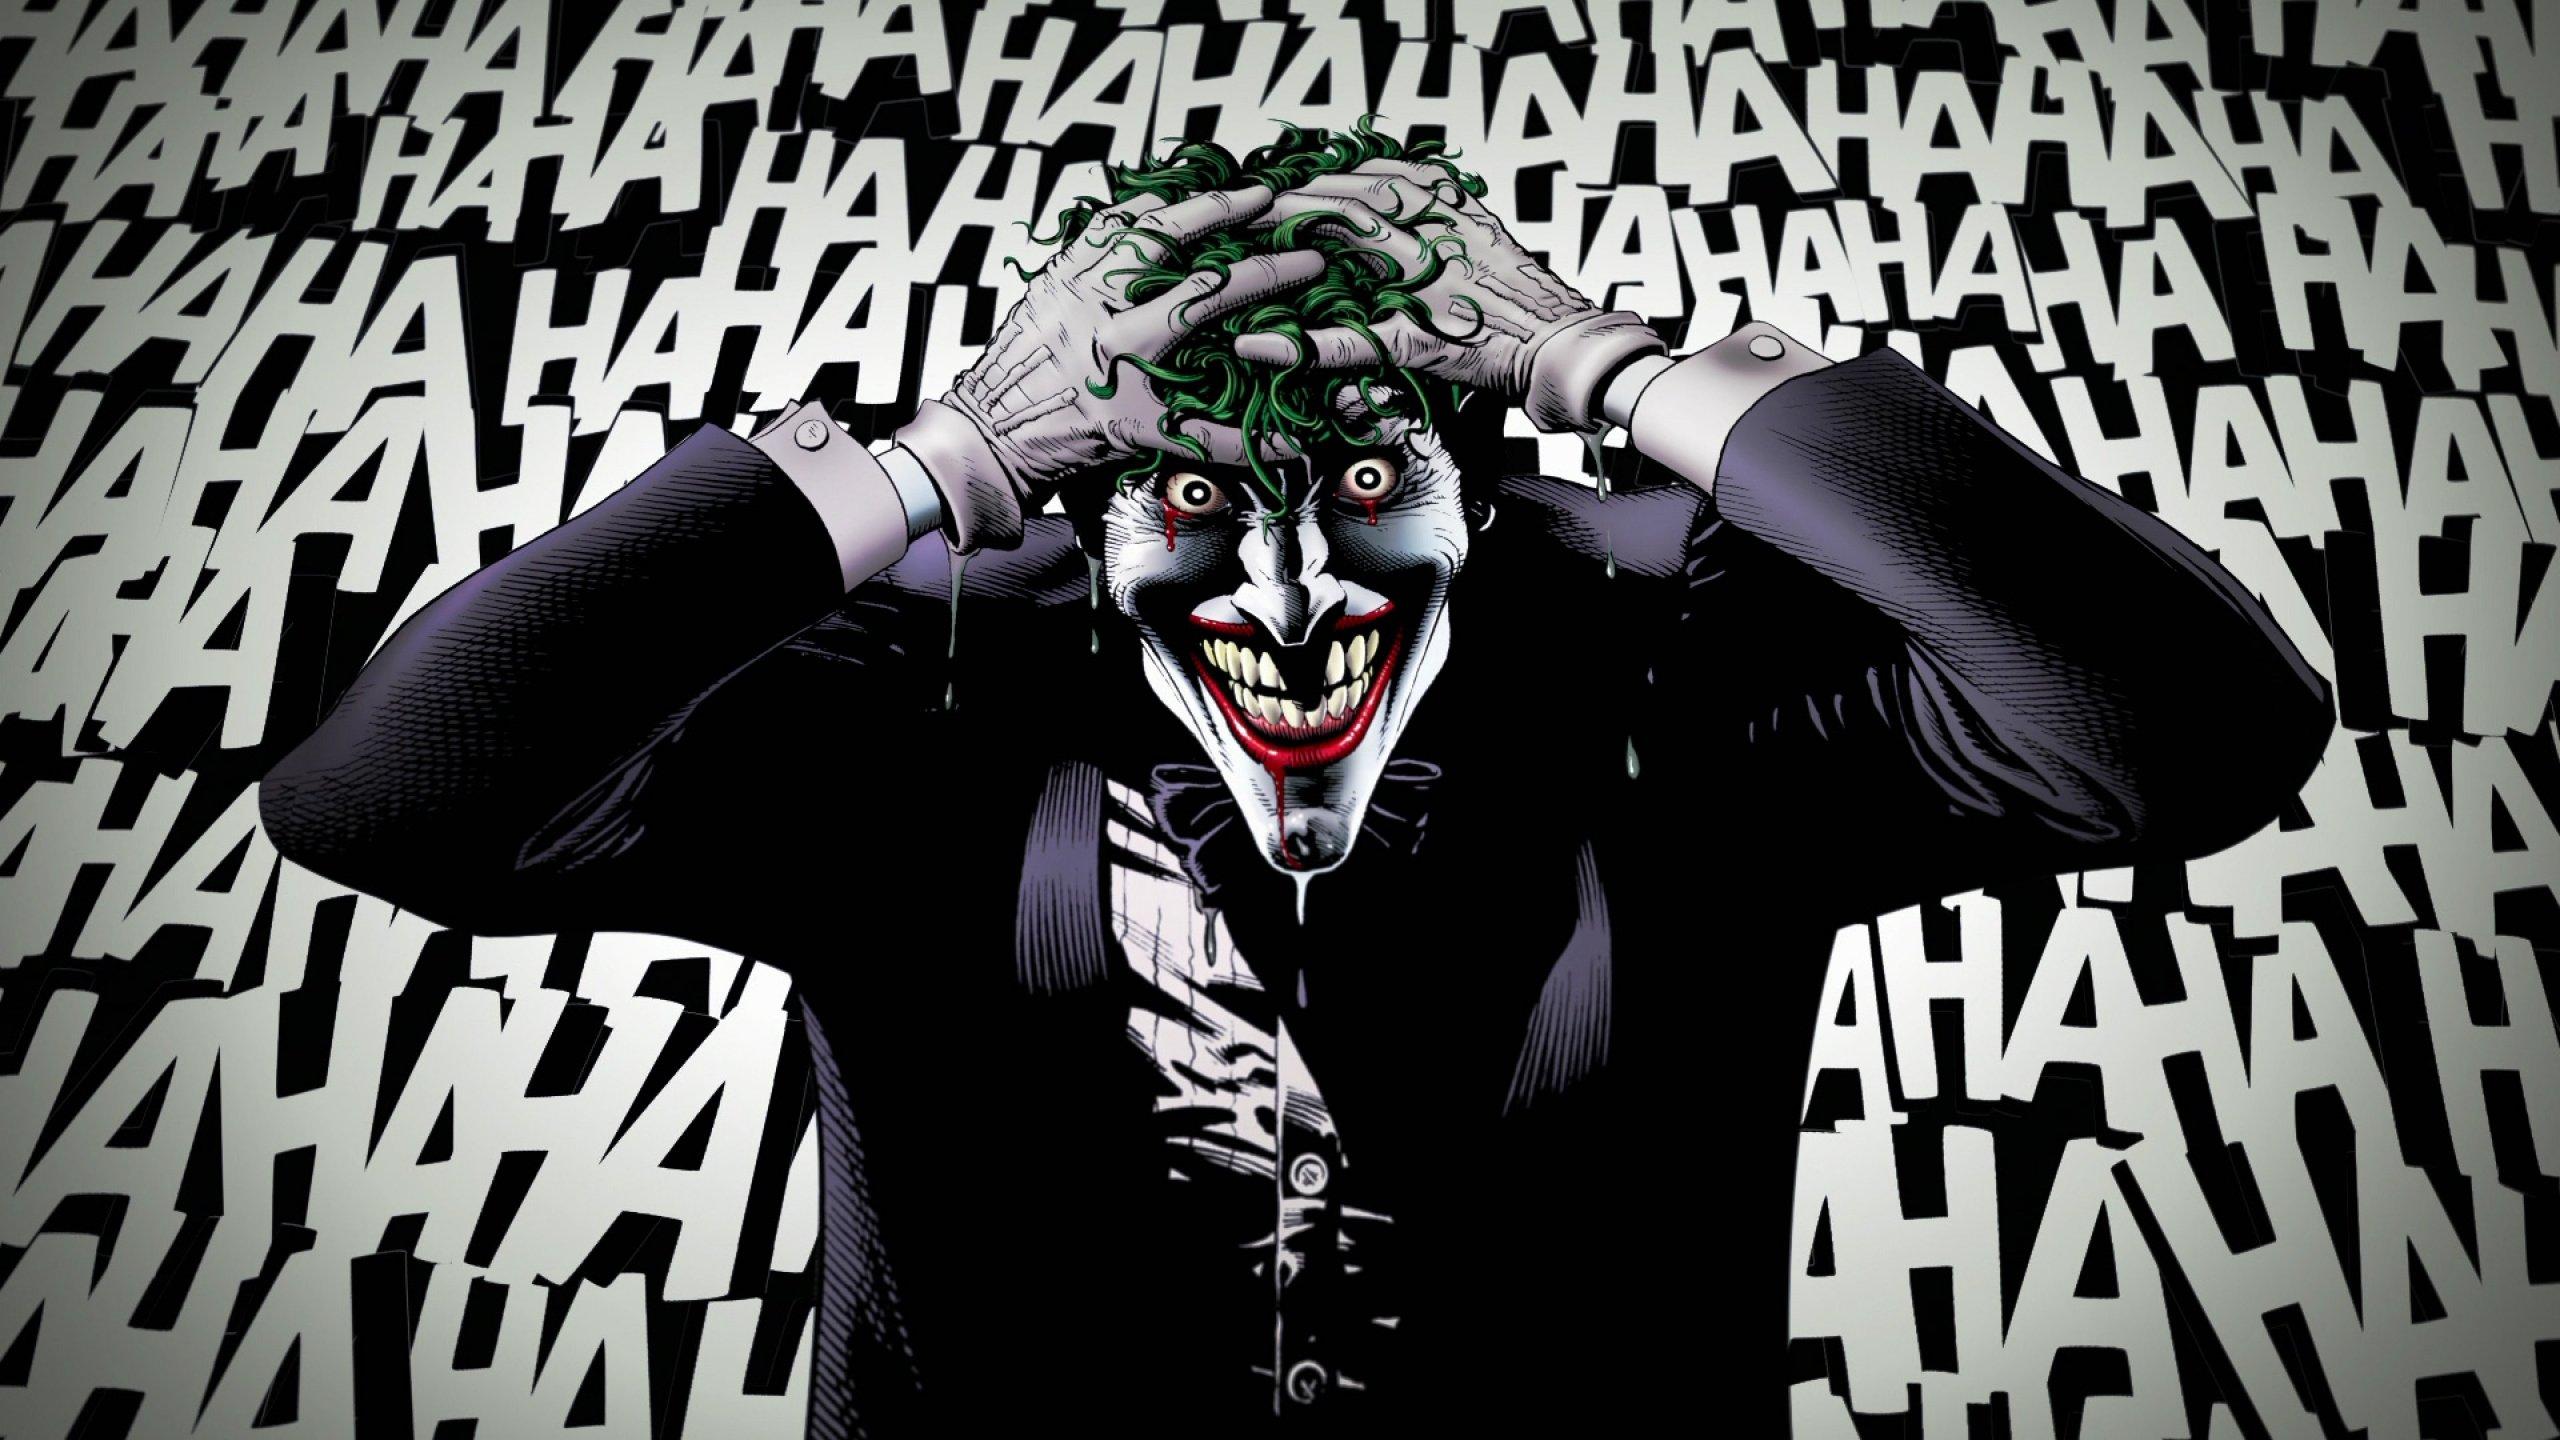 DC COMICS Superhero Hero Warrior D C Comics Joker Batman K Wallpaper